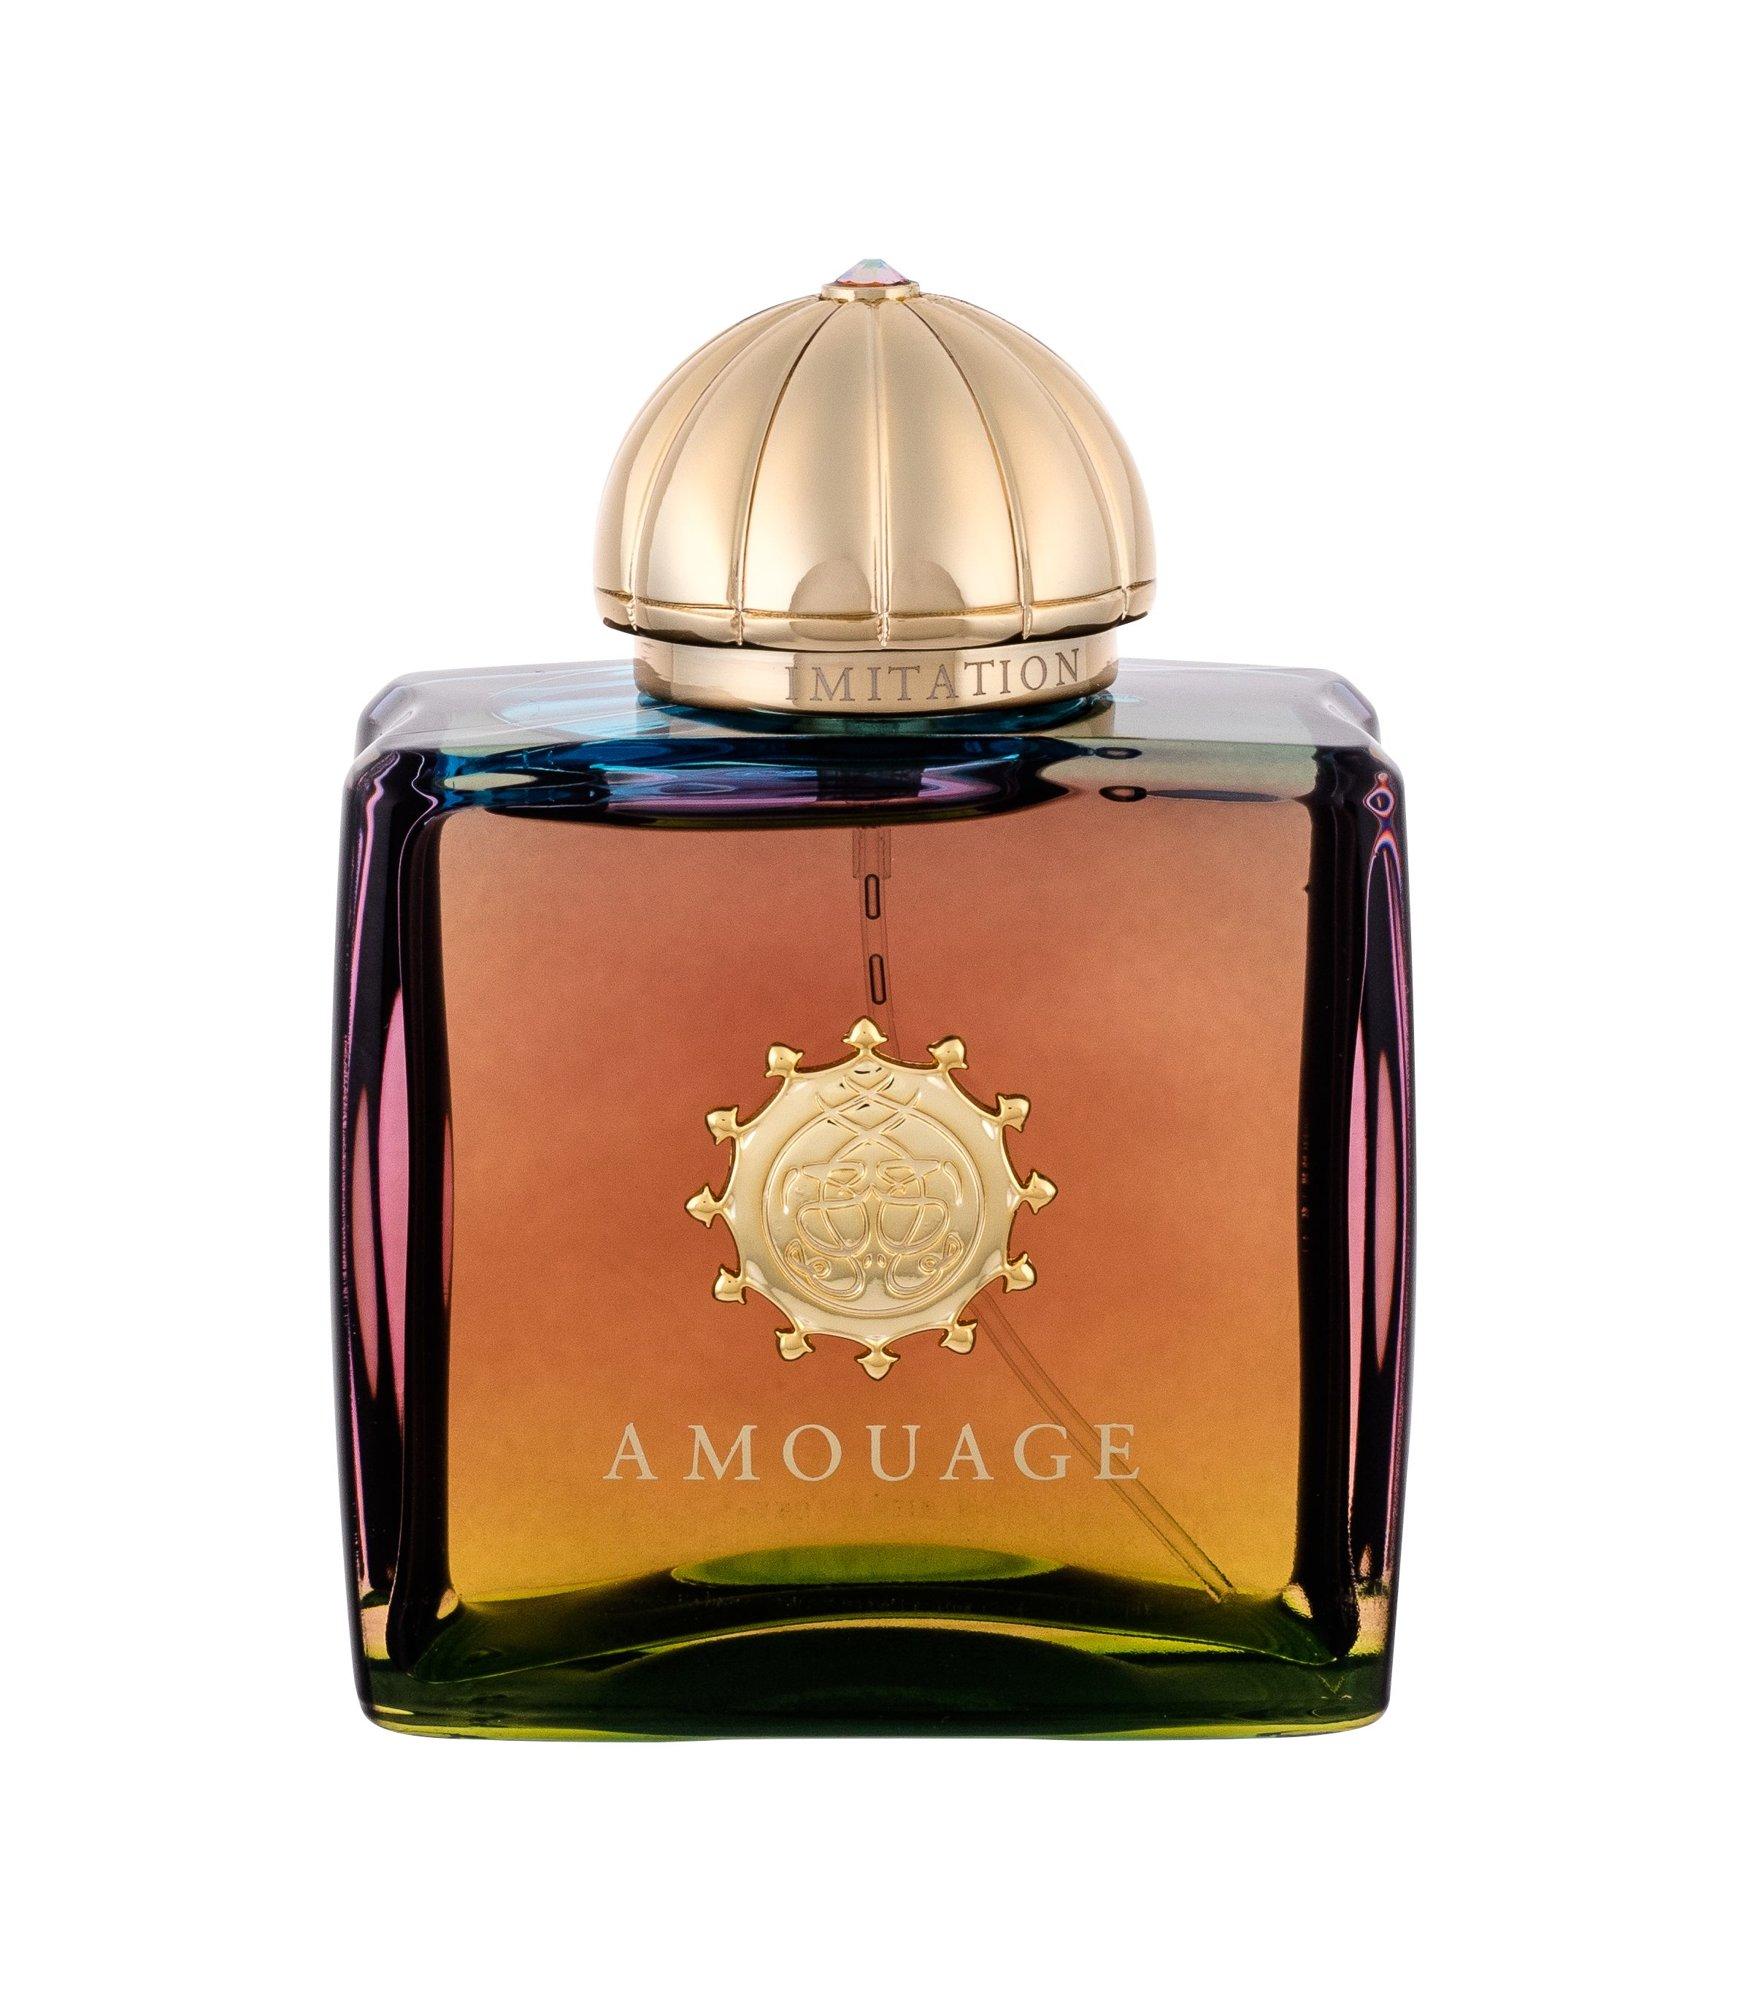 Amouage Imitation Eau de Parfum 100ml  For Women